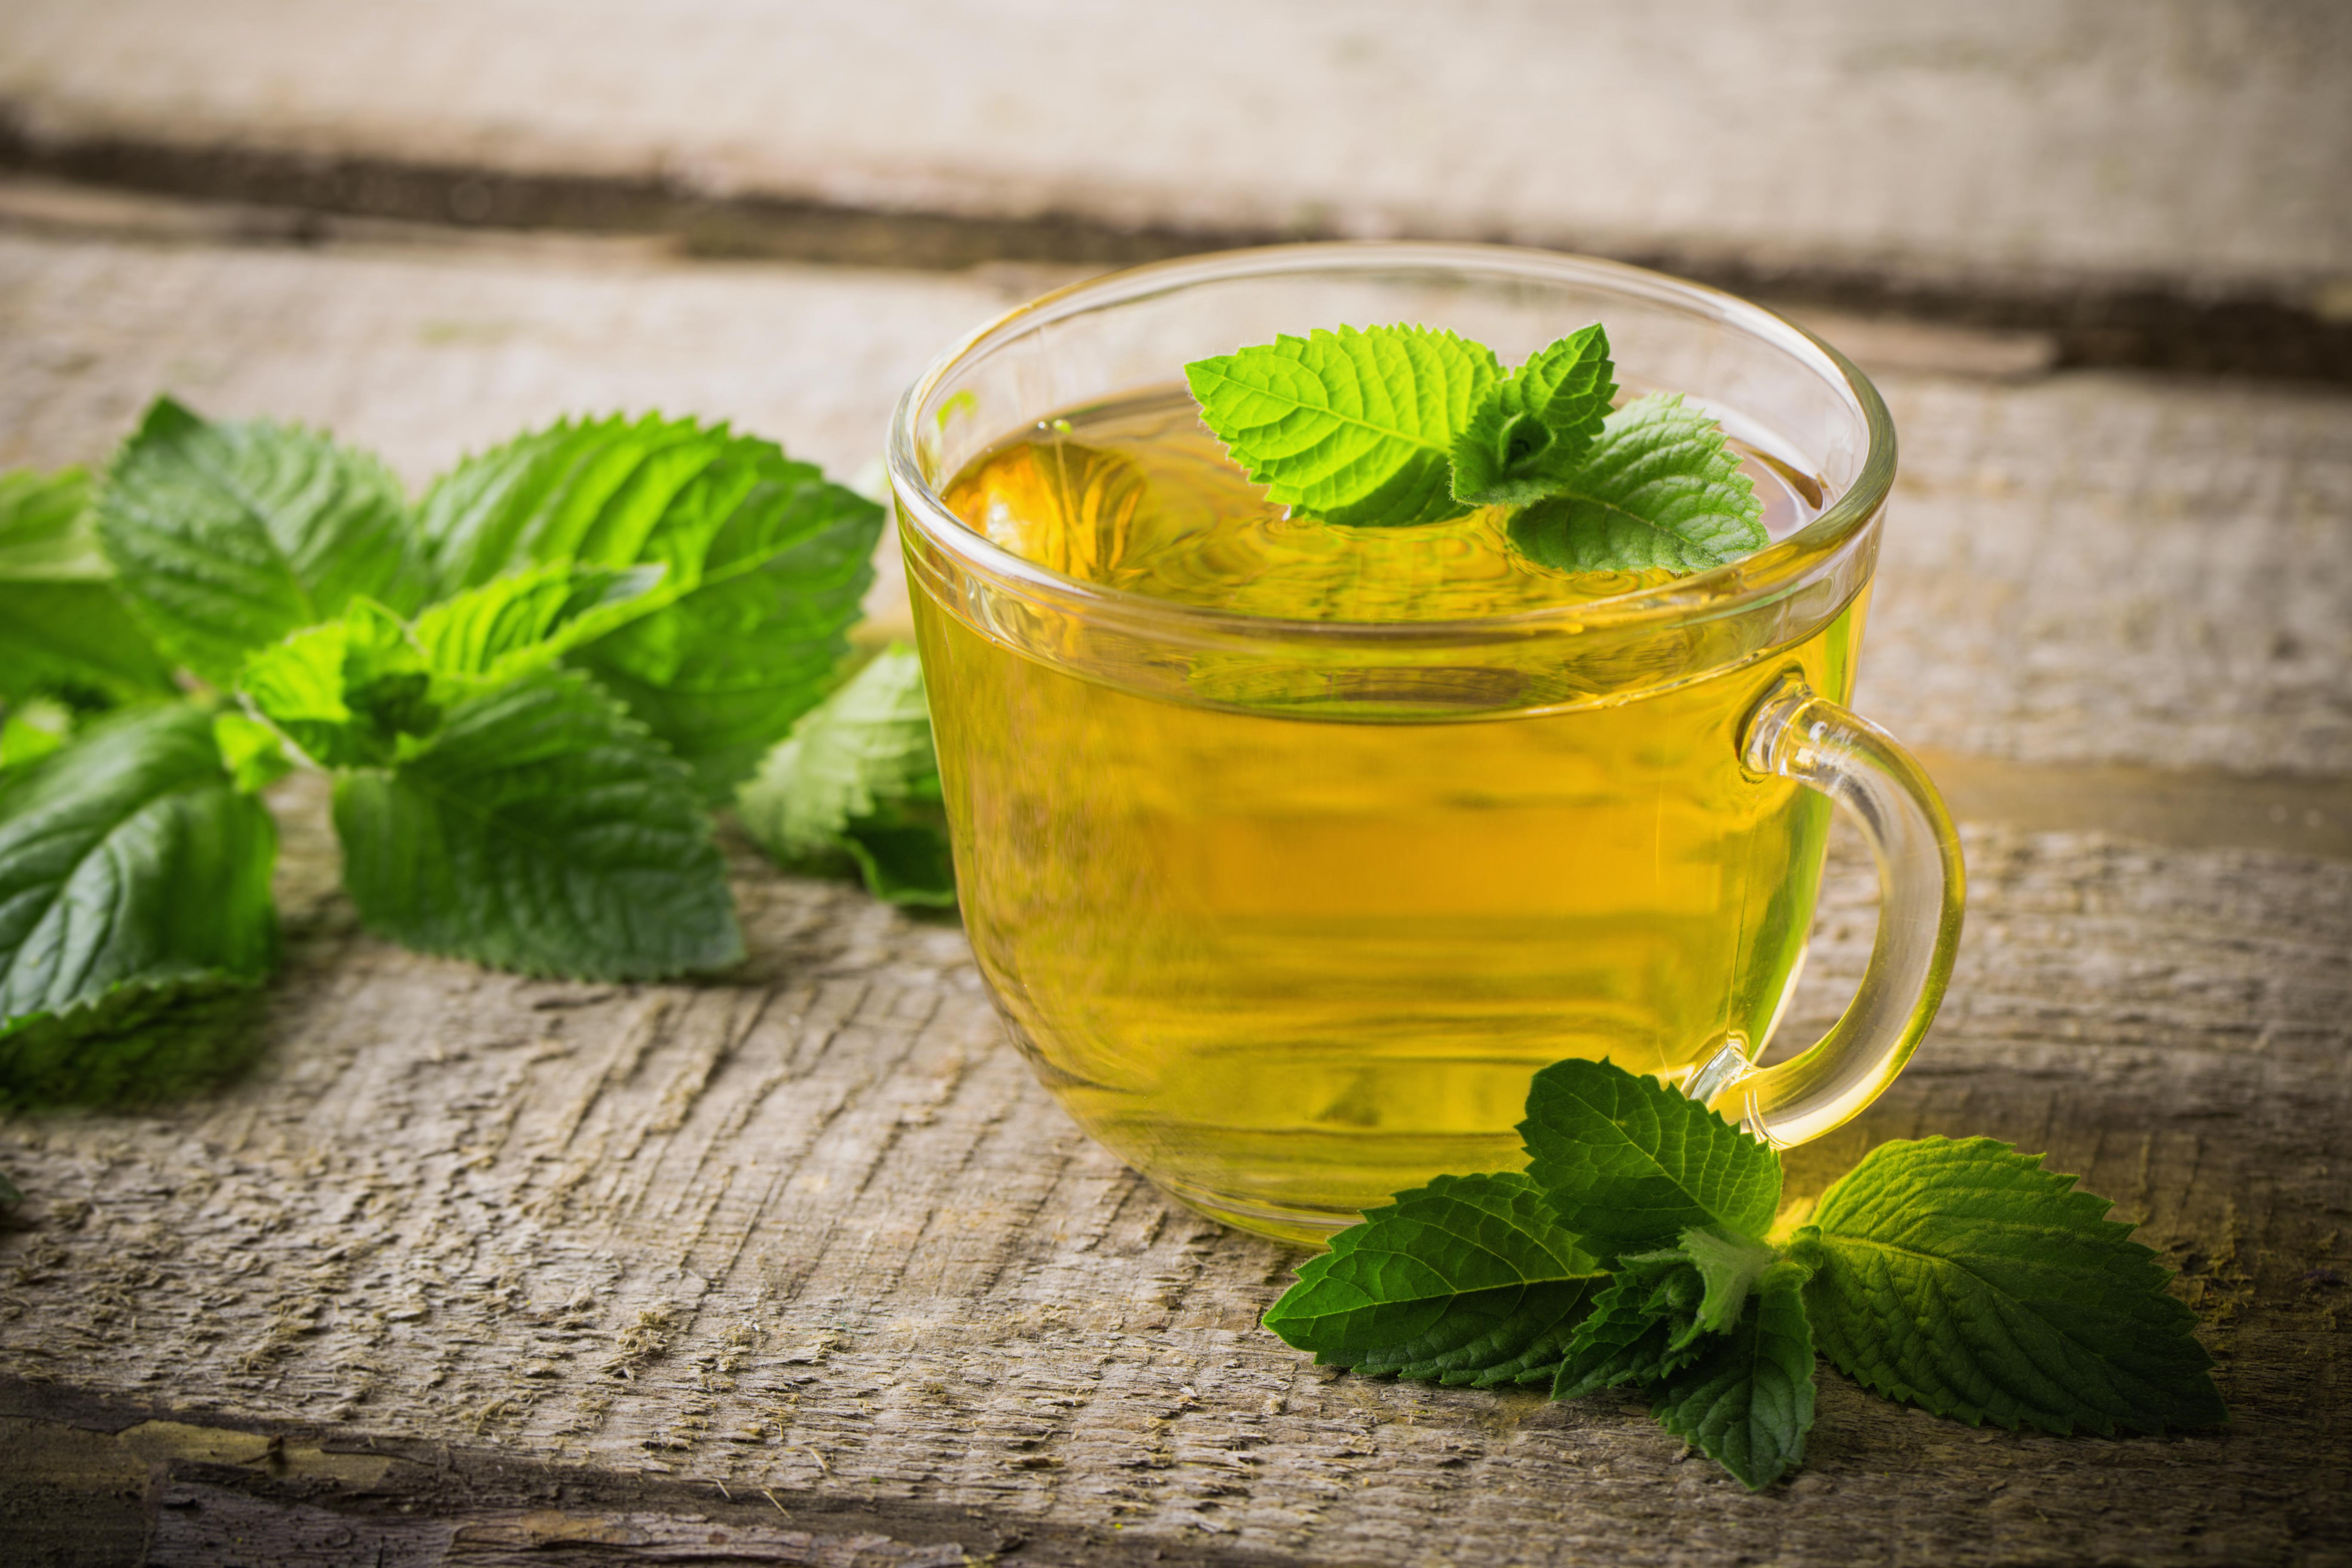 <p><strong>3. Използвайте мента</strong></p>  <p>Ароматът и вкусът на ментата могат да насърчат загубата на тегло като борят всякакви хранителни желания. Консумацията на ментов чай е доста лесен и удобен вариант.</p>